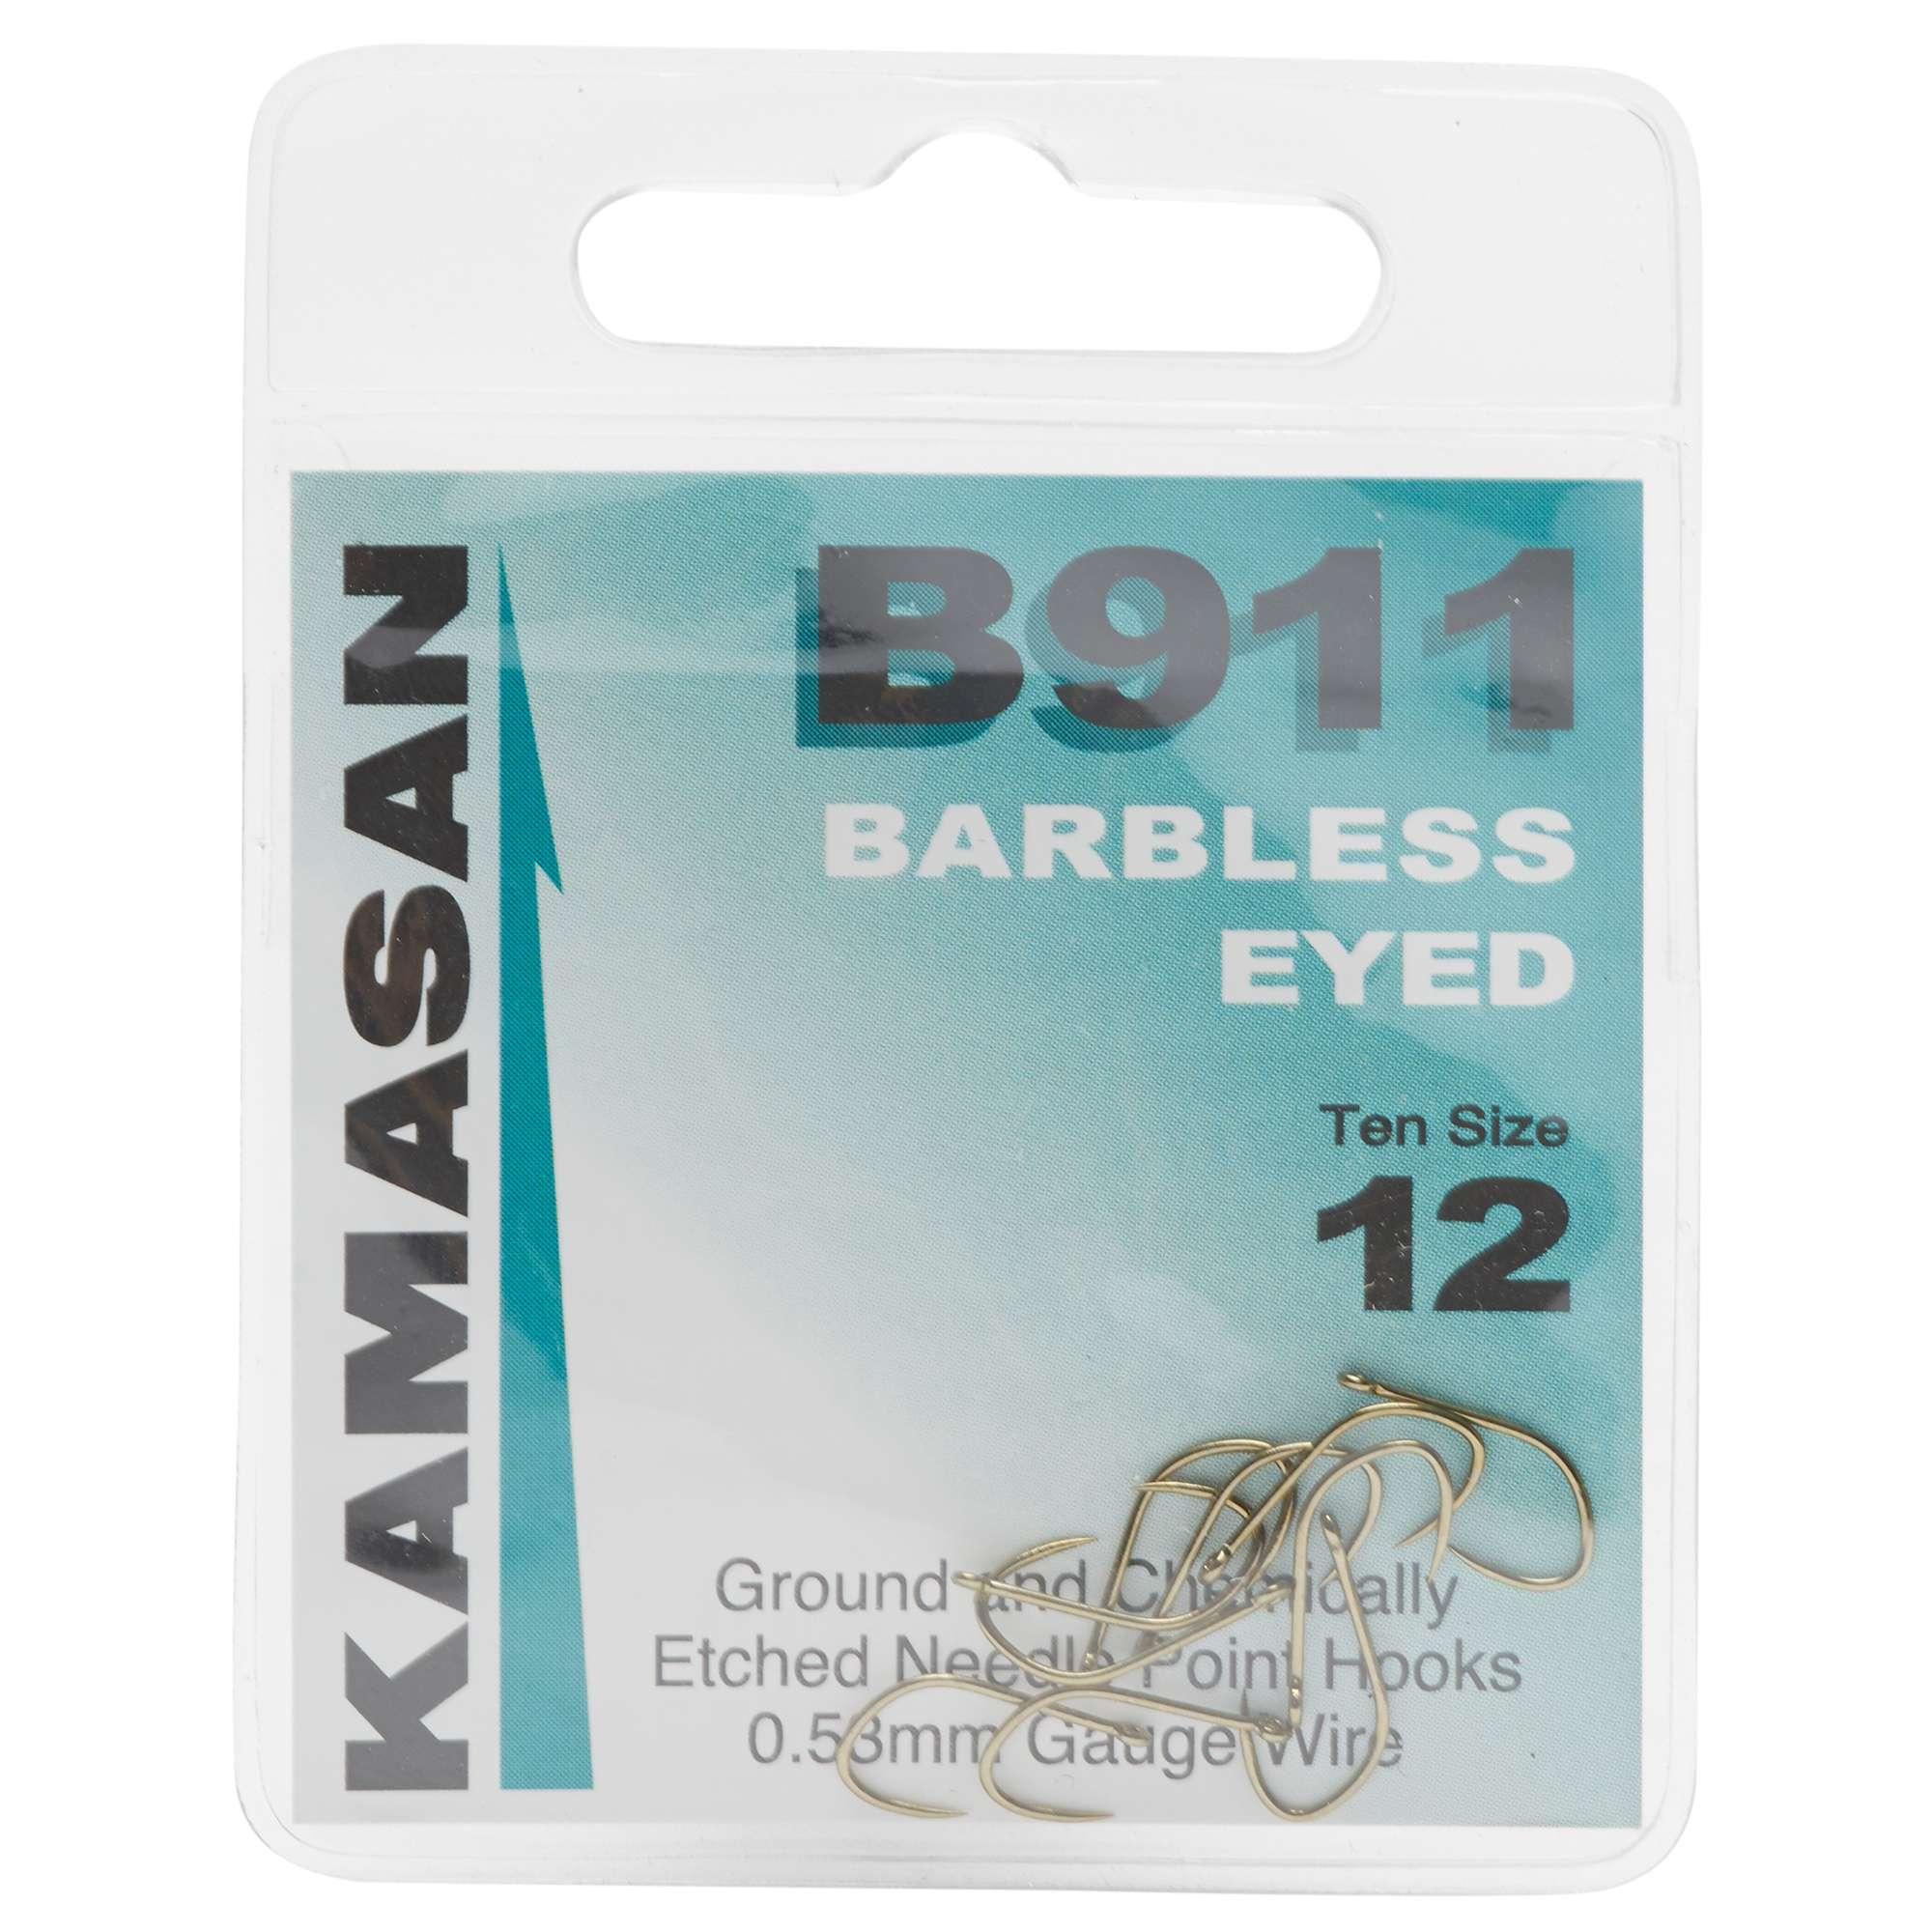 KAMASAN B911 Extra Strong Eyed Fishing Hooks - Size 12